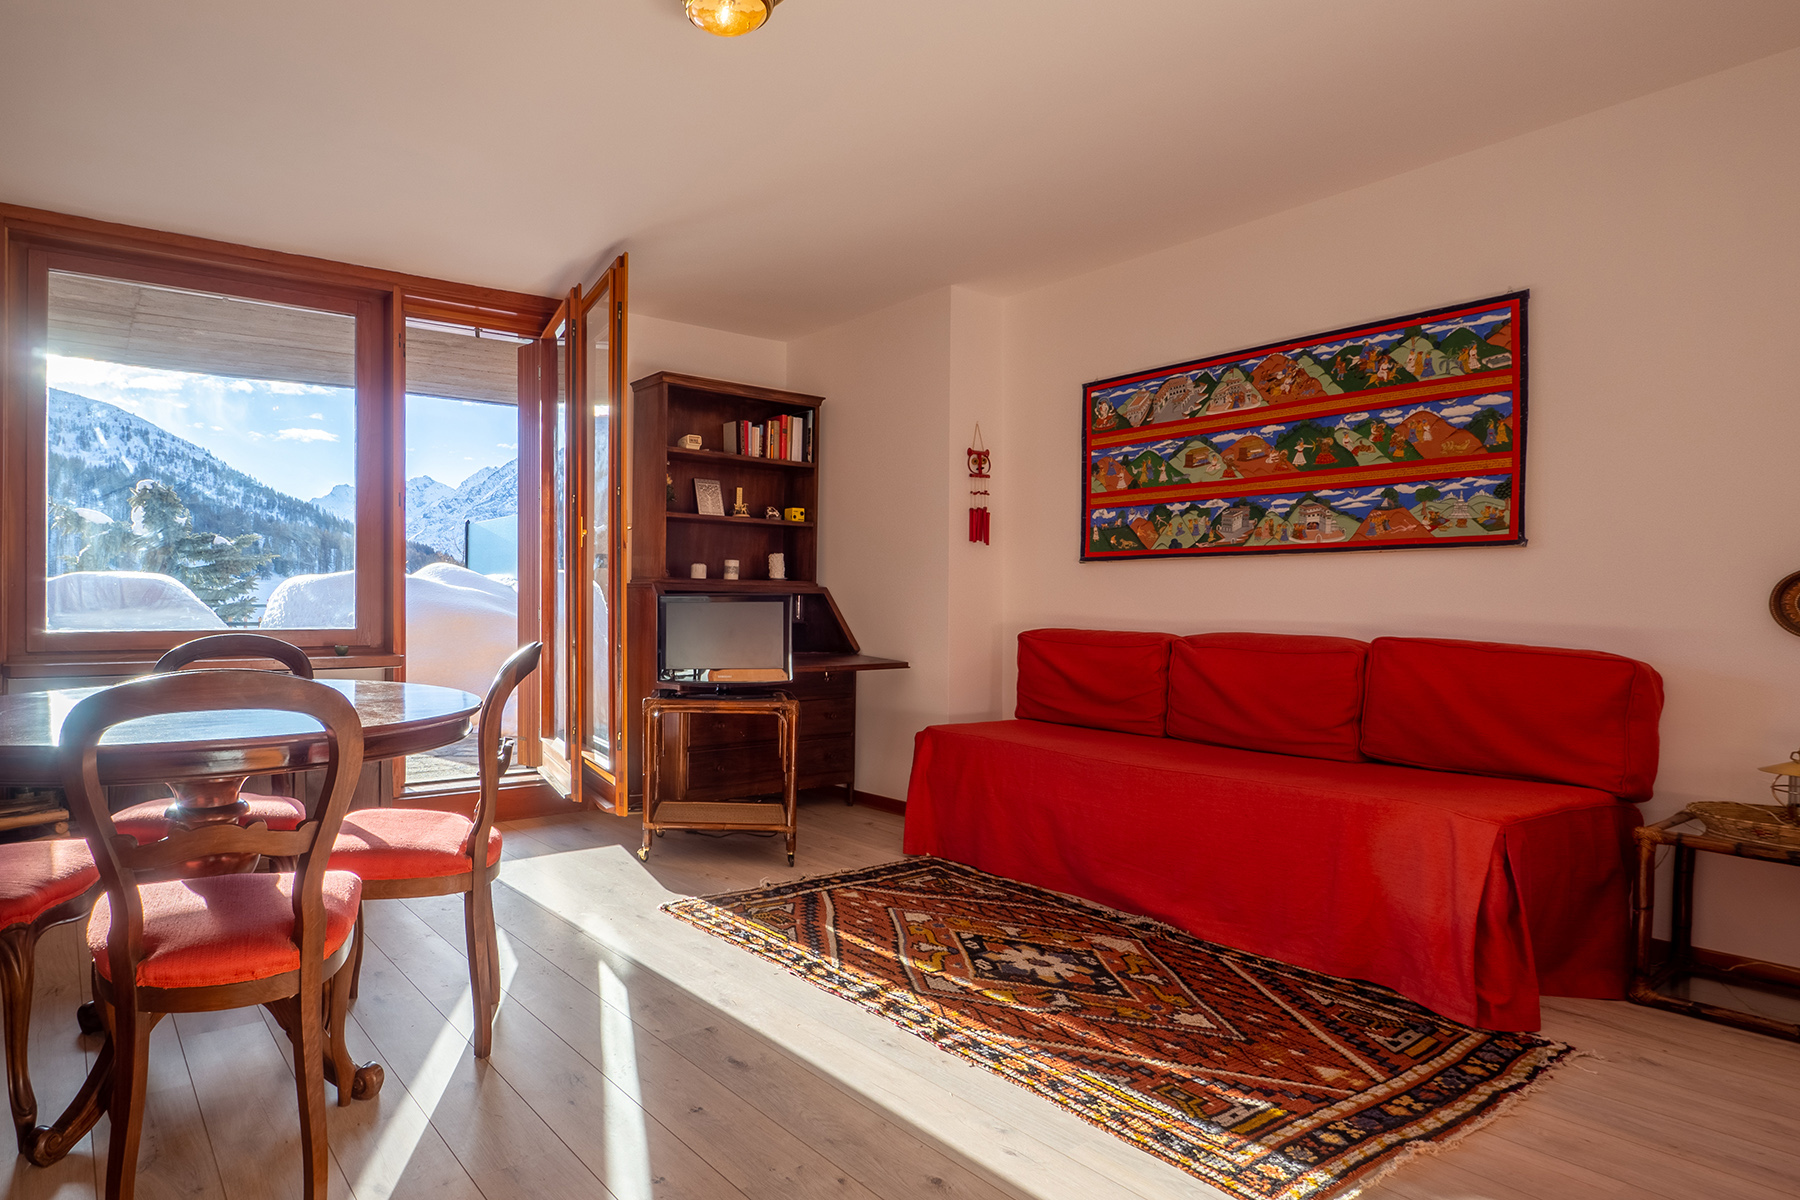 Appartamento in Vendita a Sestriere: 1 locali, 53 mq - Foto 6